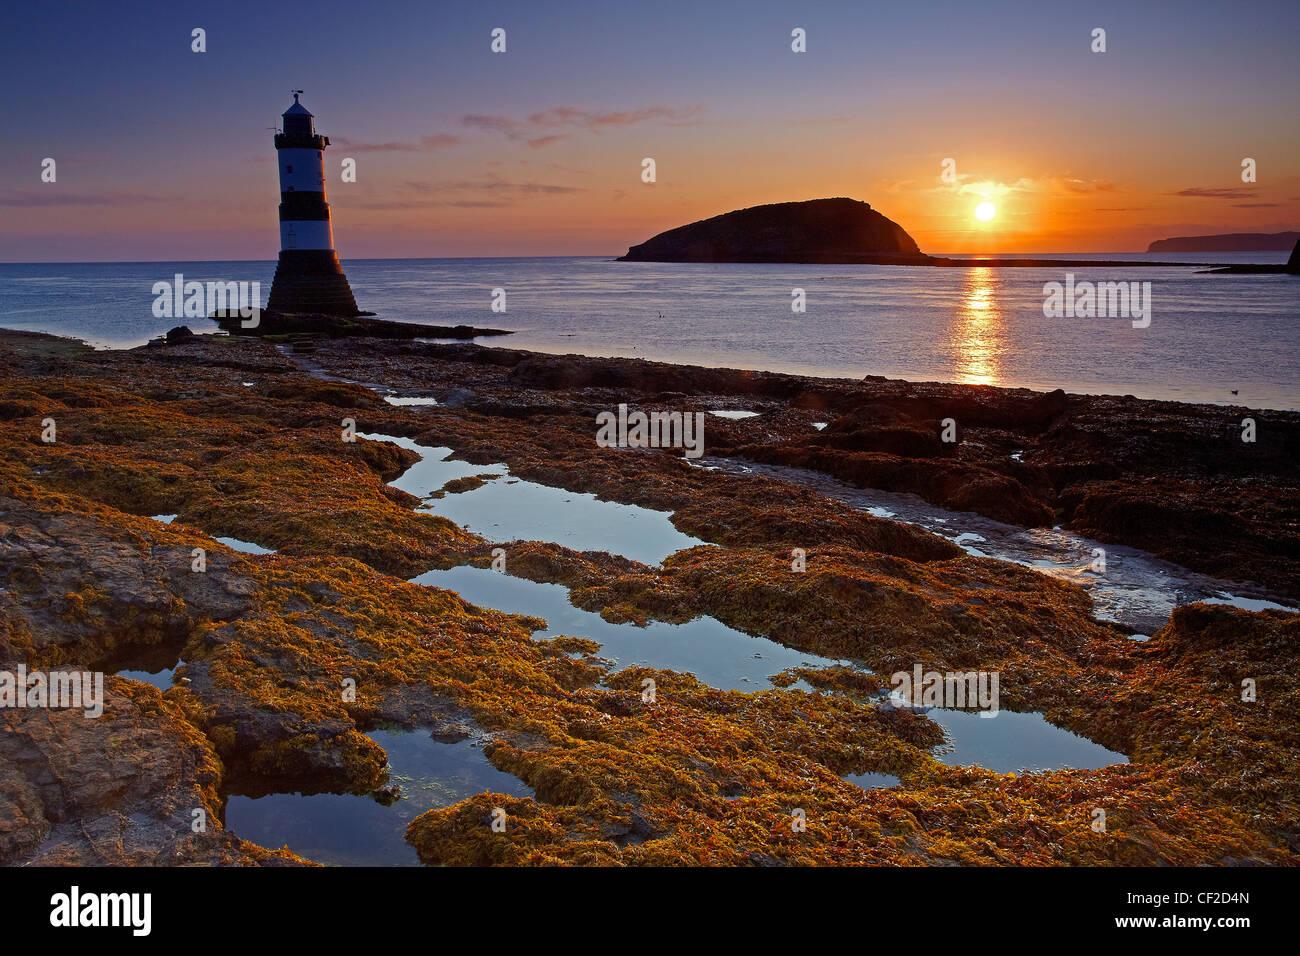 Penmon Faro, también conocido como faro de Menai, en la entrada norte del estrecho de Menai Isla Puffin opuesto al amanecer. Foto de stock